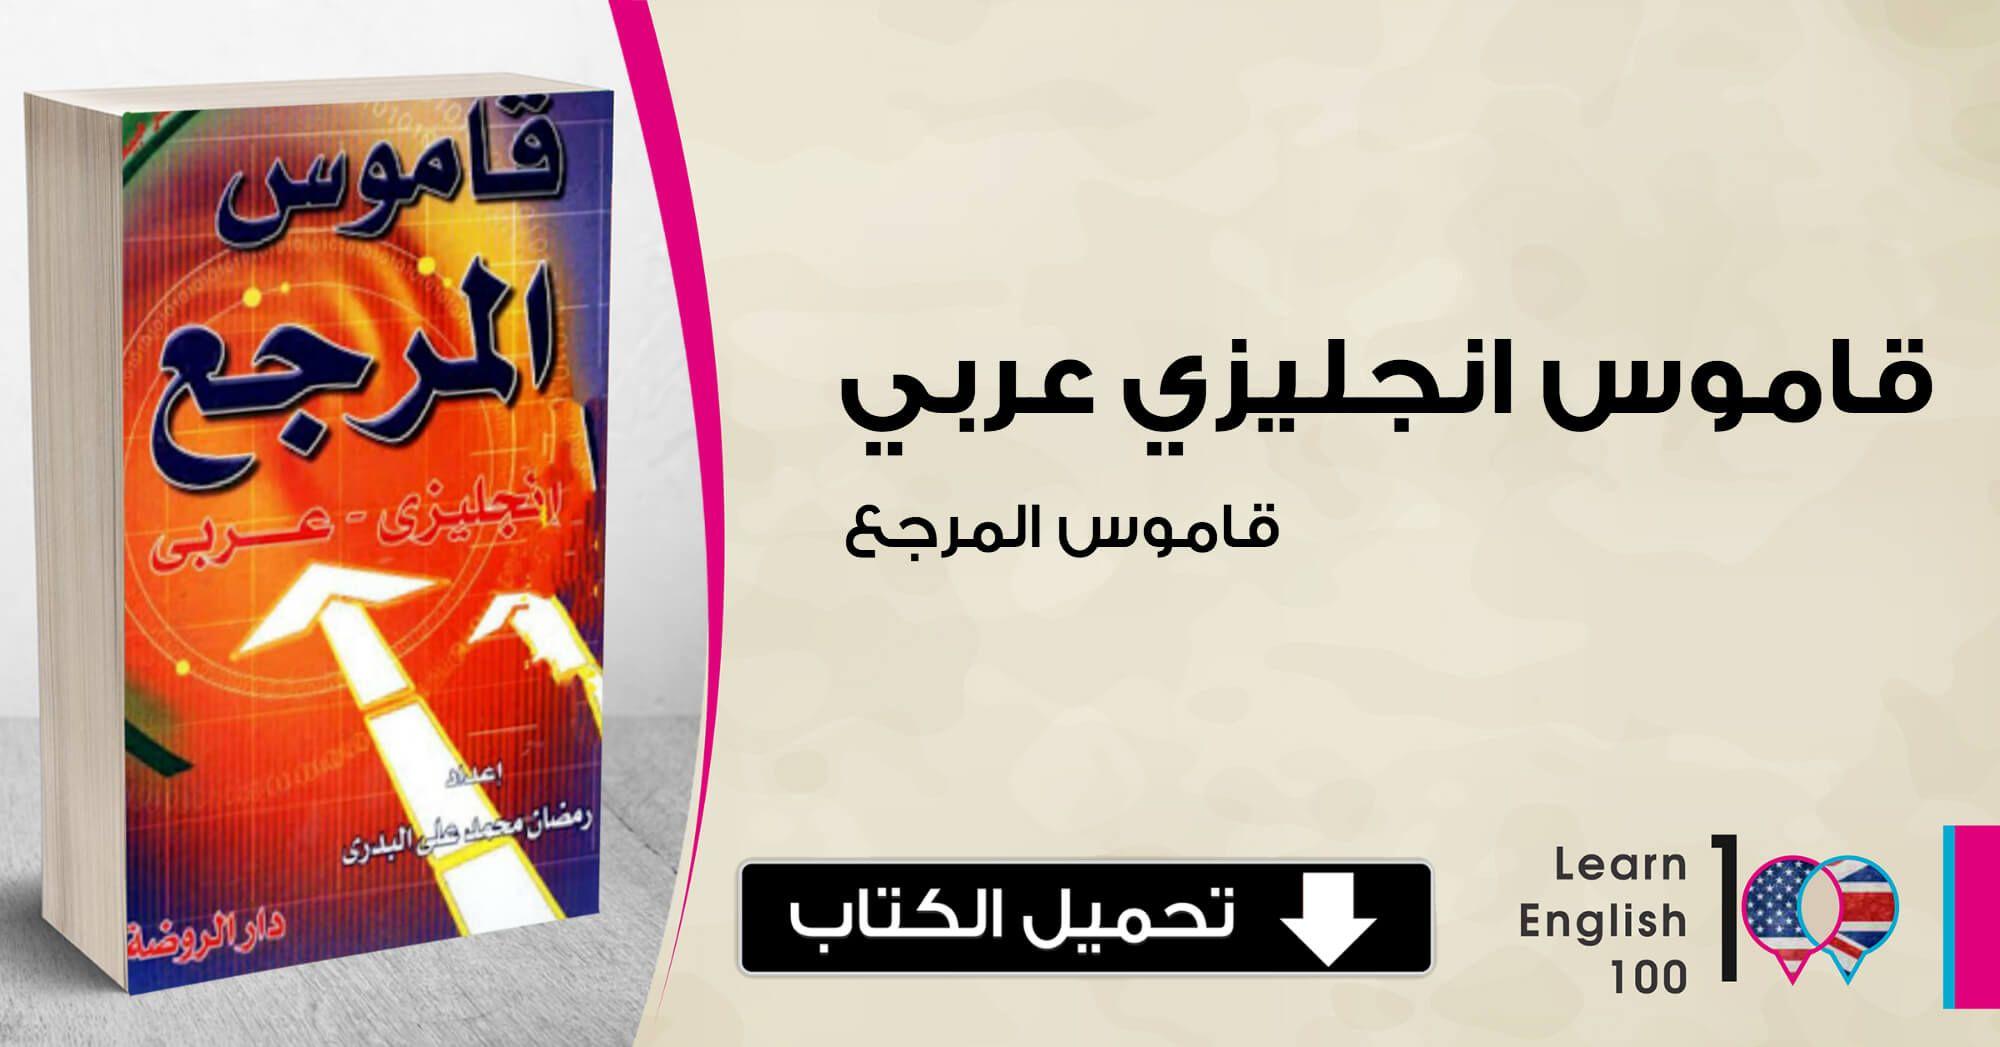 تحميل قاموس انجليزى عربي Pdf Quot Download El Marg 39 A Dictionary English Arabic Quot إن هذا القامو Frosted Flakes Cereal Box Projects To Try Projects